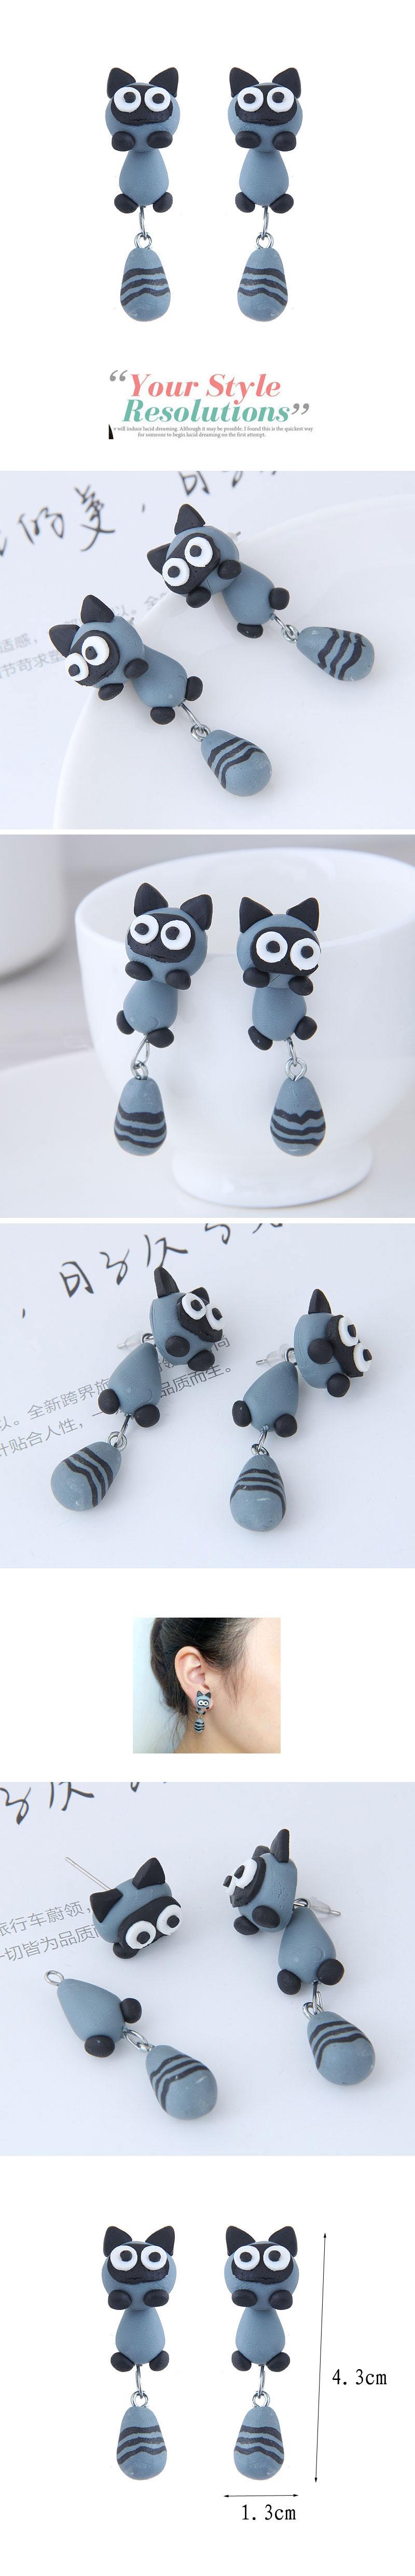 欧美时尚创意手工可爱小动物猫咪软陶泥个性耳钉